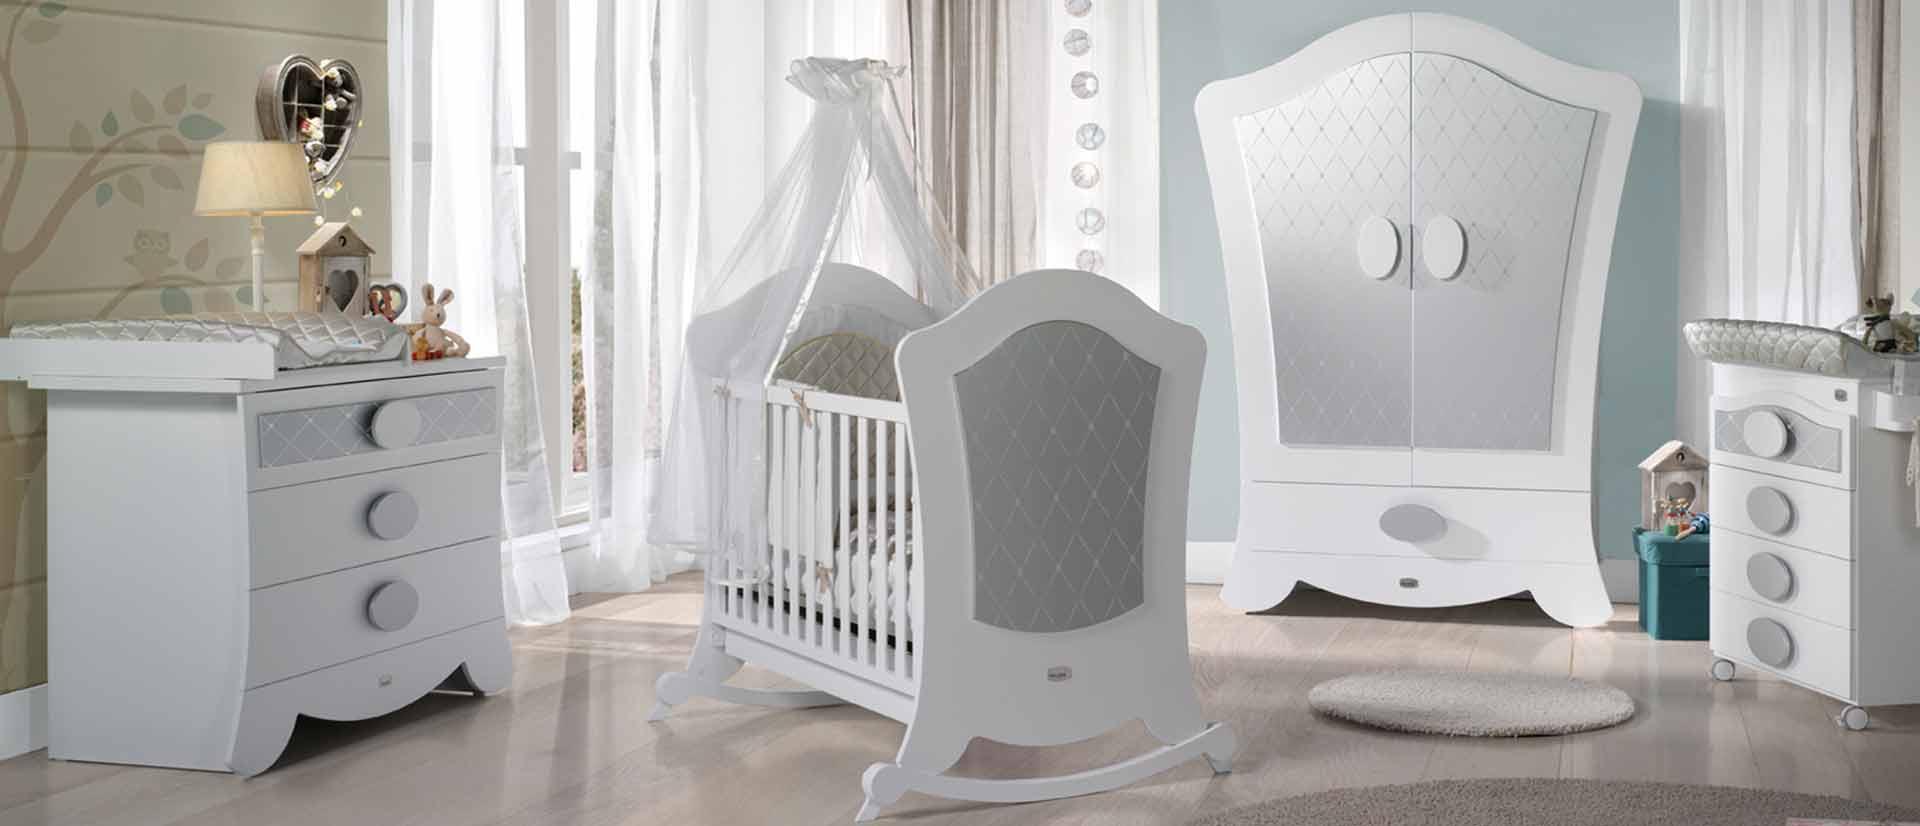 dormitorio para recien nacido